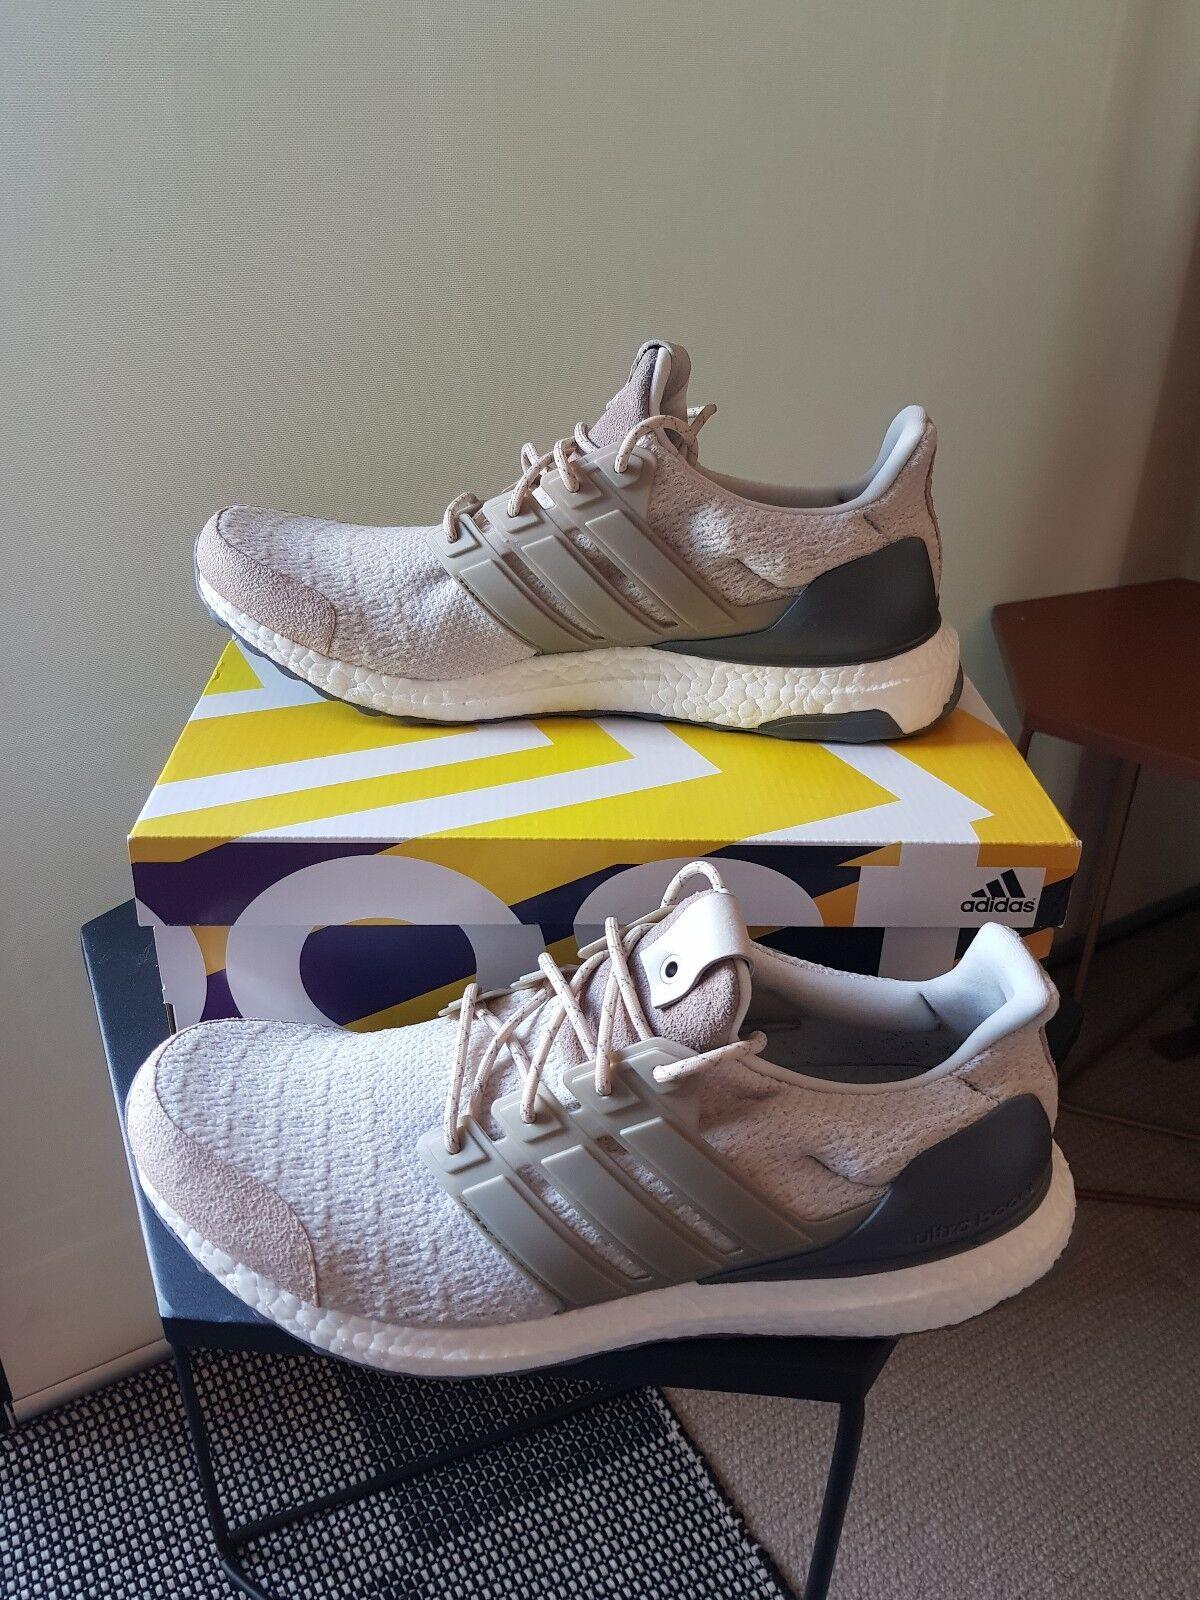 Adidas Consortium Ultra Boost Lux, Vintage blancoa, 11.5US, cerca nueva condición